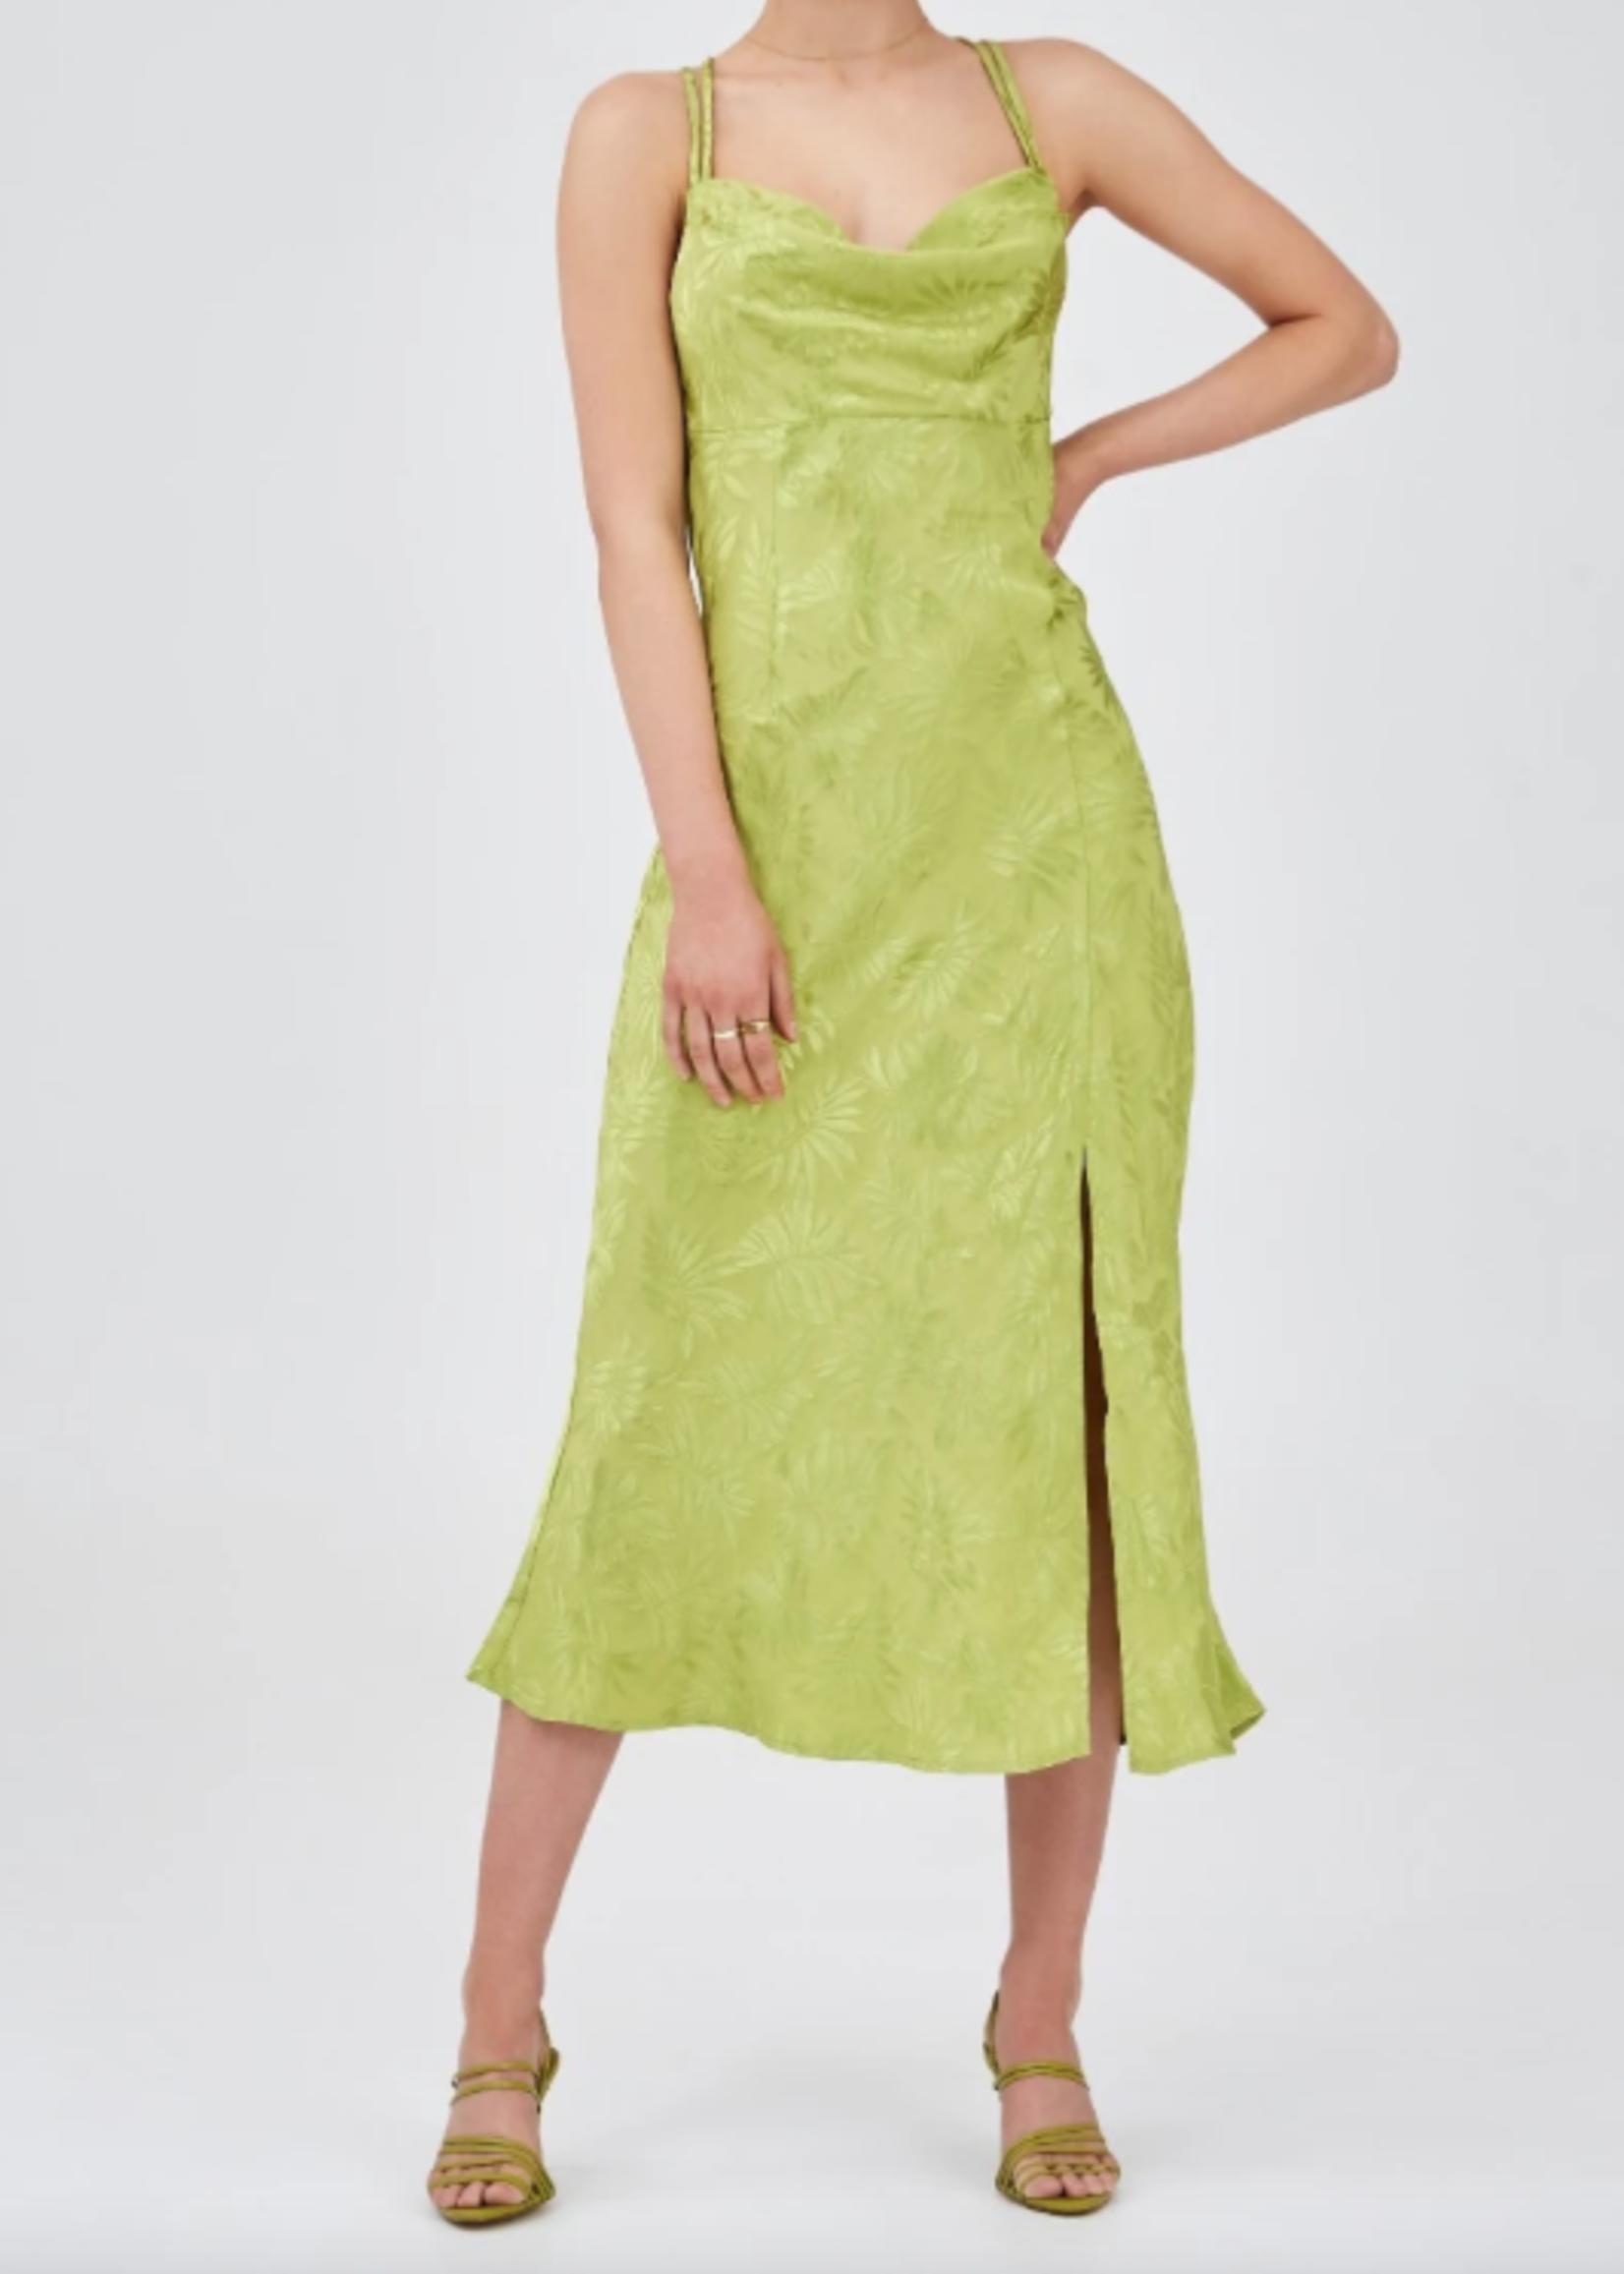 Elitaire Boutique Vacancies Green Midi Dress